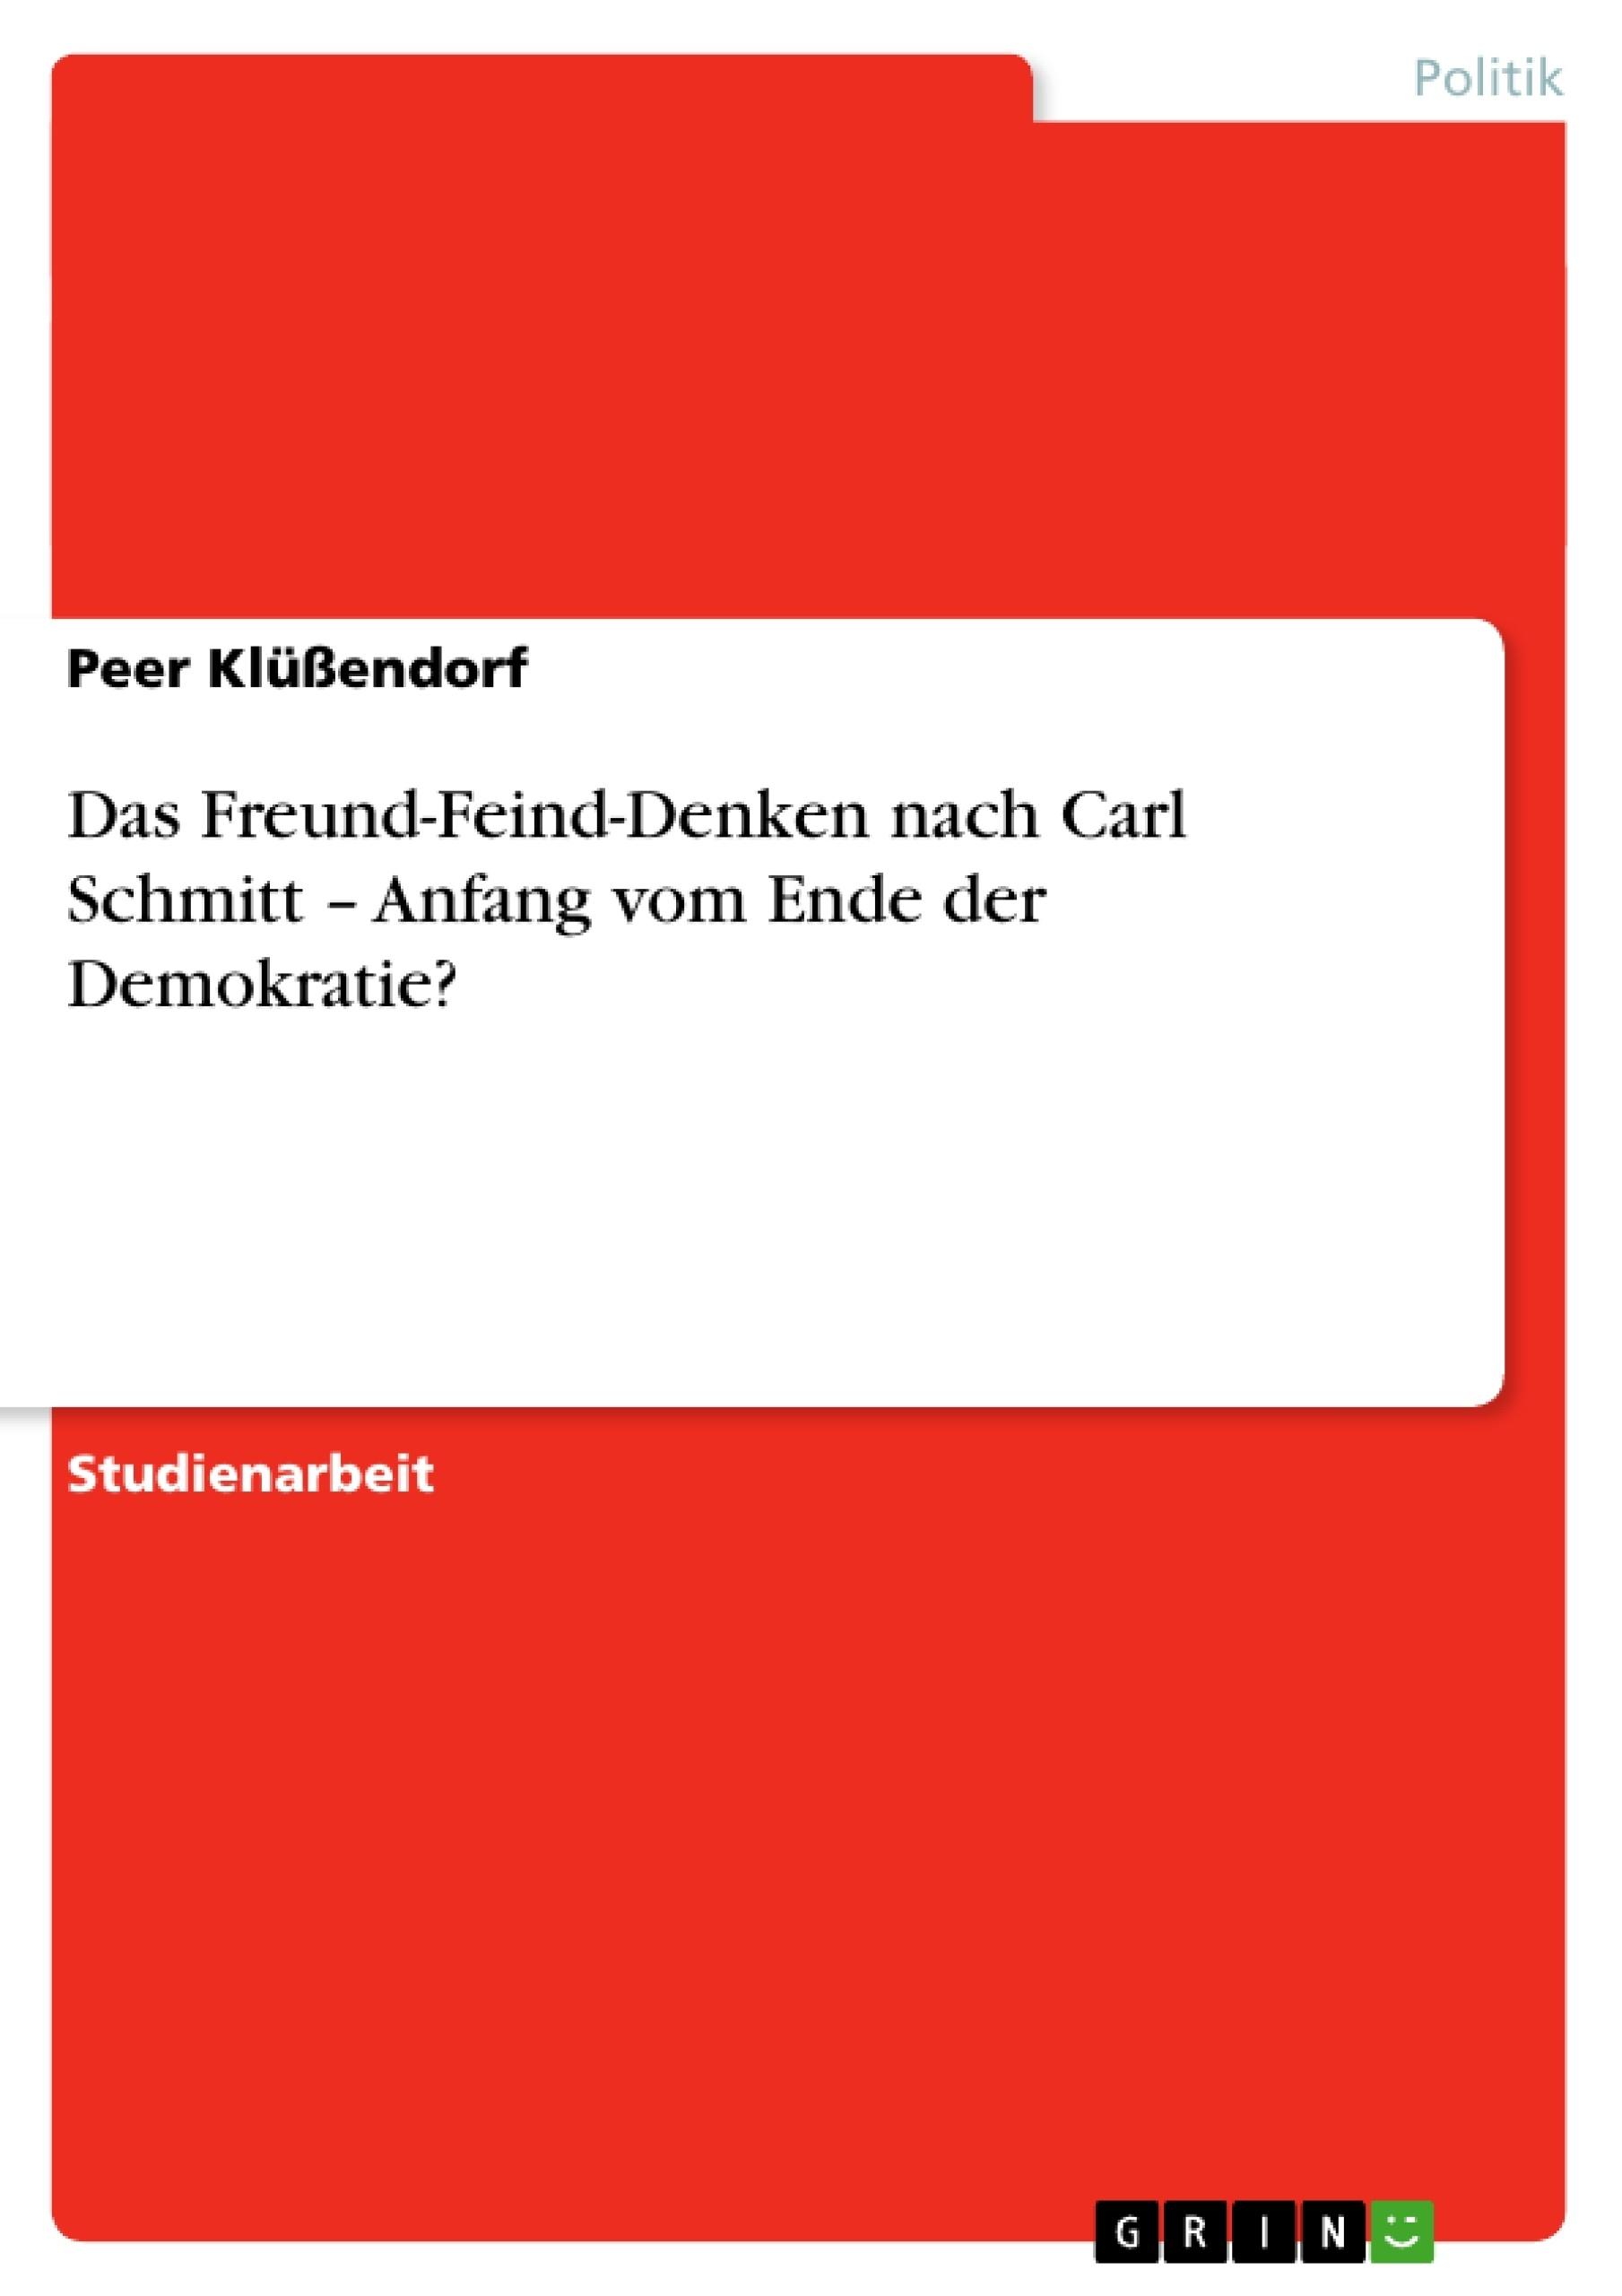 Titel: Das Freund-Feind-Denken nach Carl Schmitt – Anfang vom Ende der Demokratie?